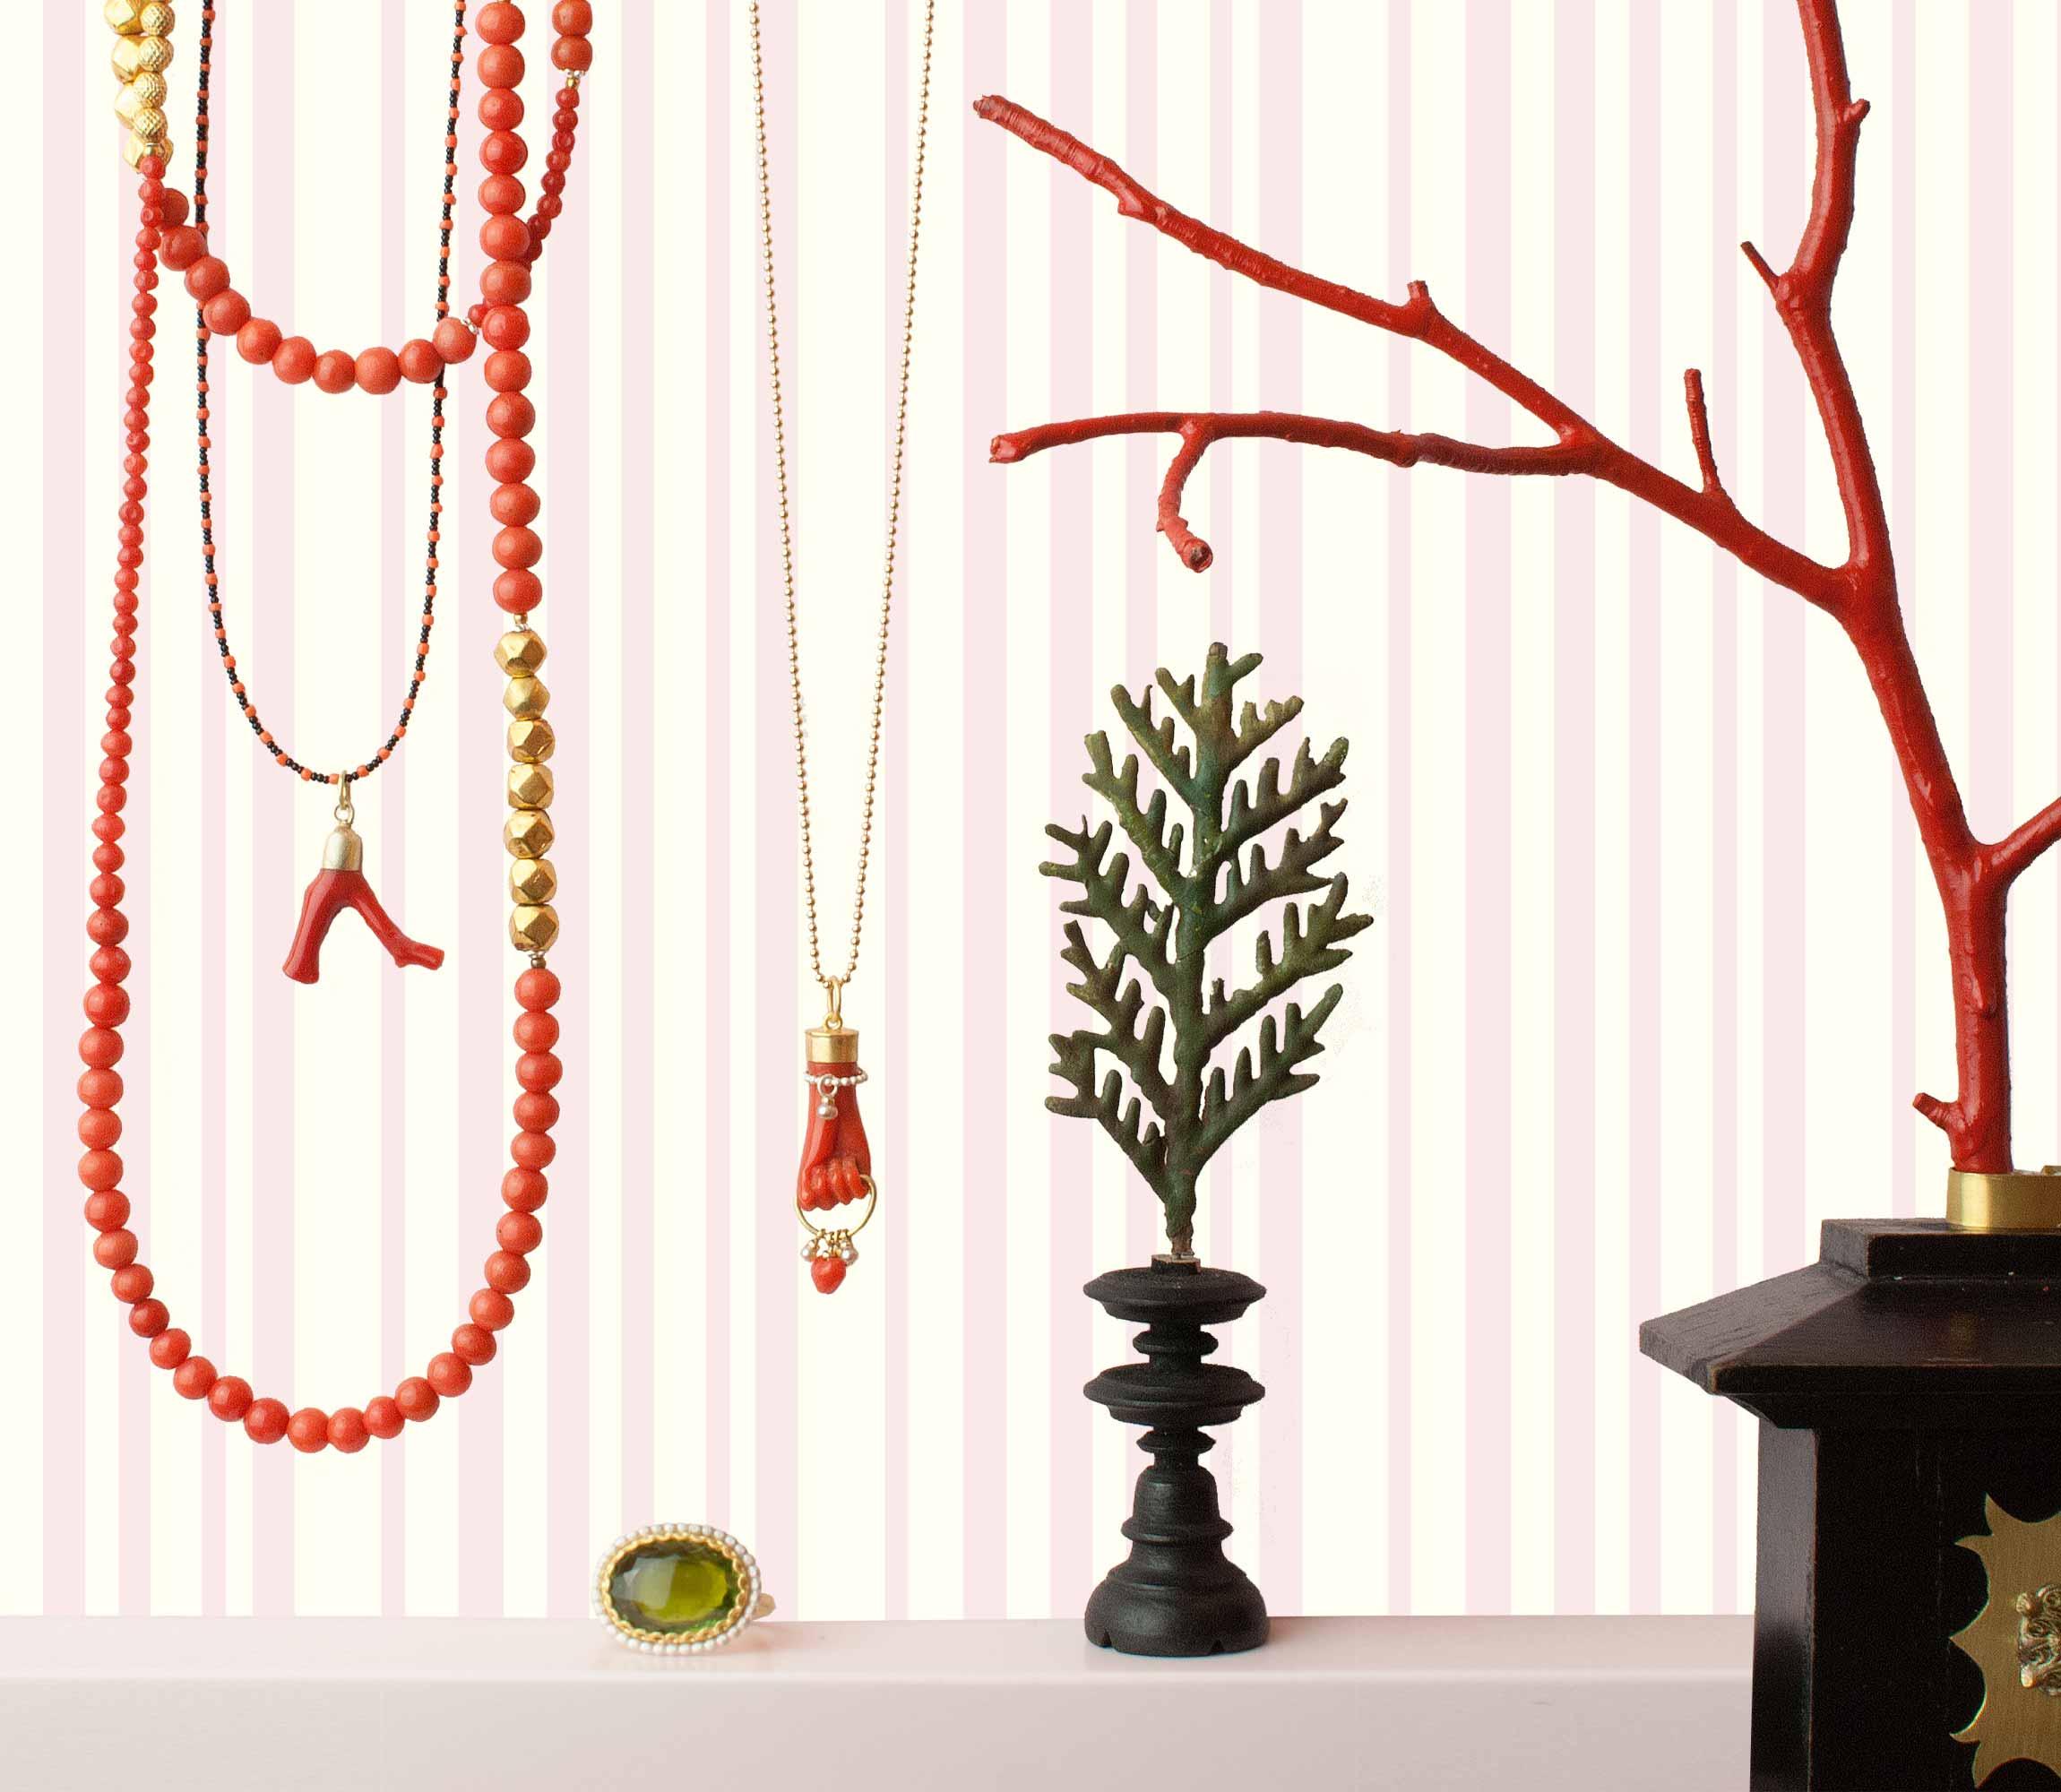 ANHÄNGER Koralle, Gold-Perle KETTE Koralle, Feingold RING Turmalin, Silber, Gold